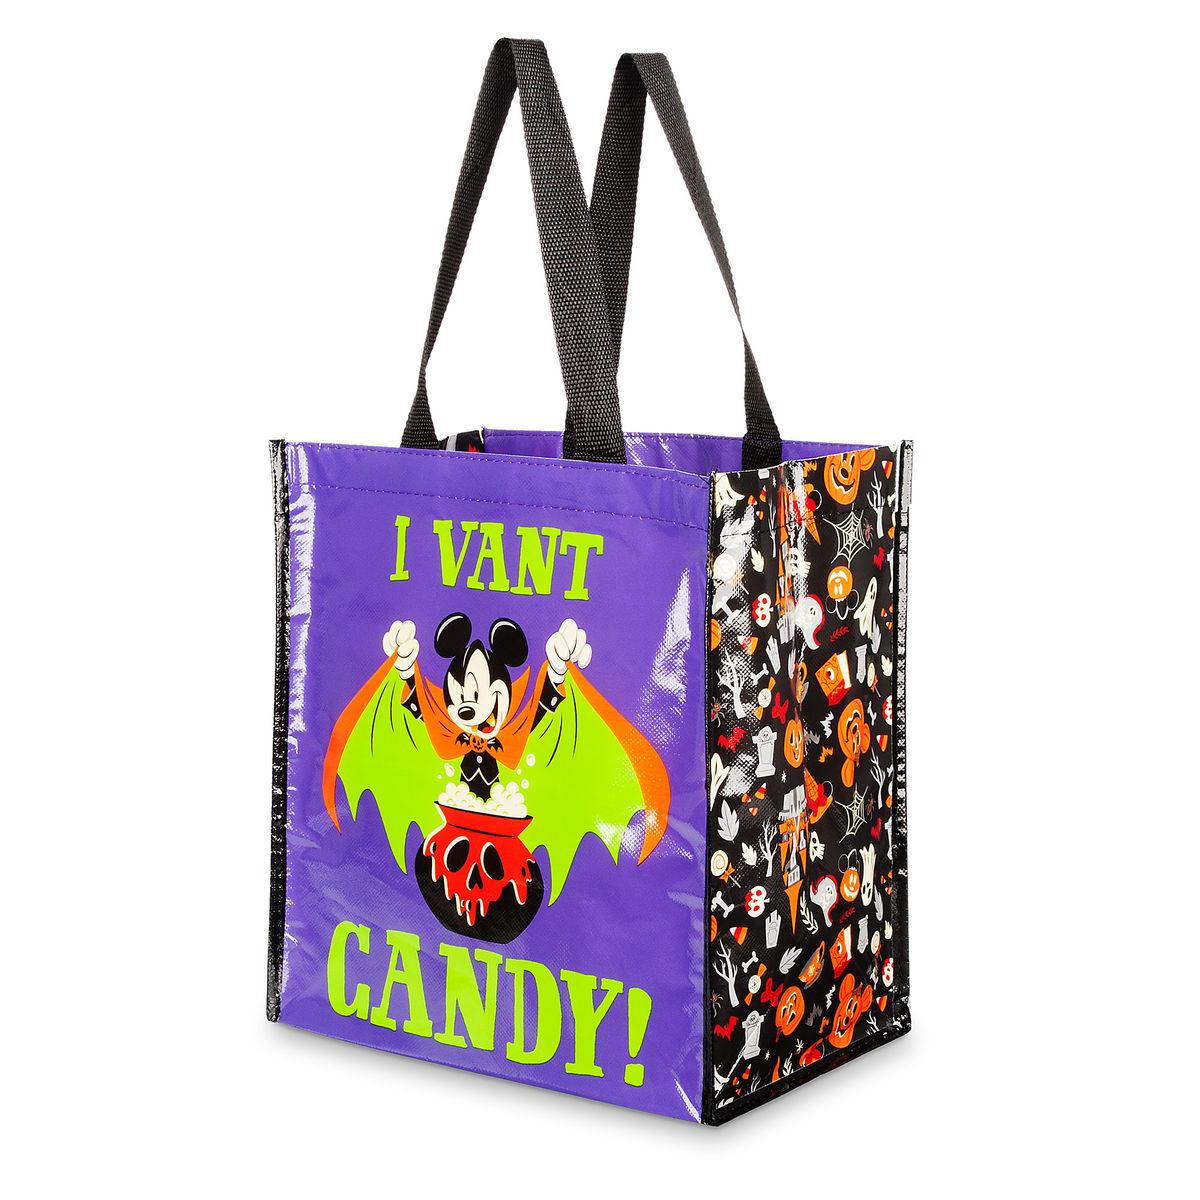 Halloween Tote Bag Villains Tote Bag Park Tote Bag Adult Tote Bag Handmade Tote Bag MNSSHP Tote Bag Large Tote Bag